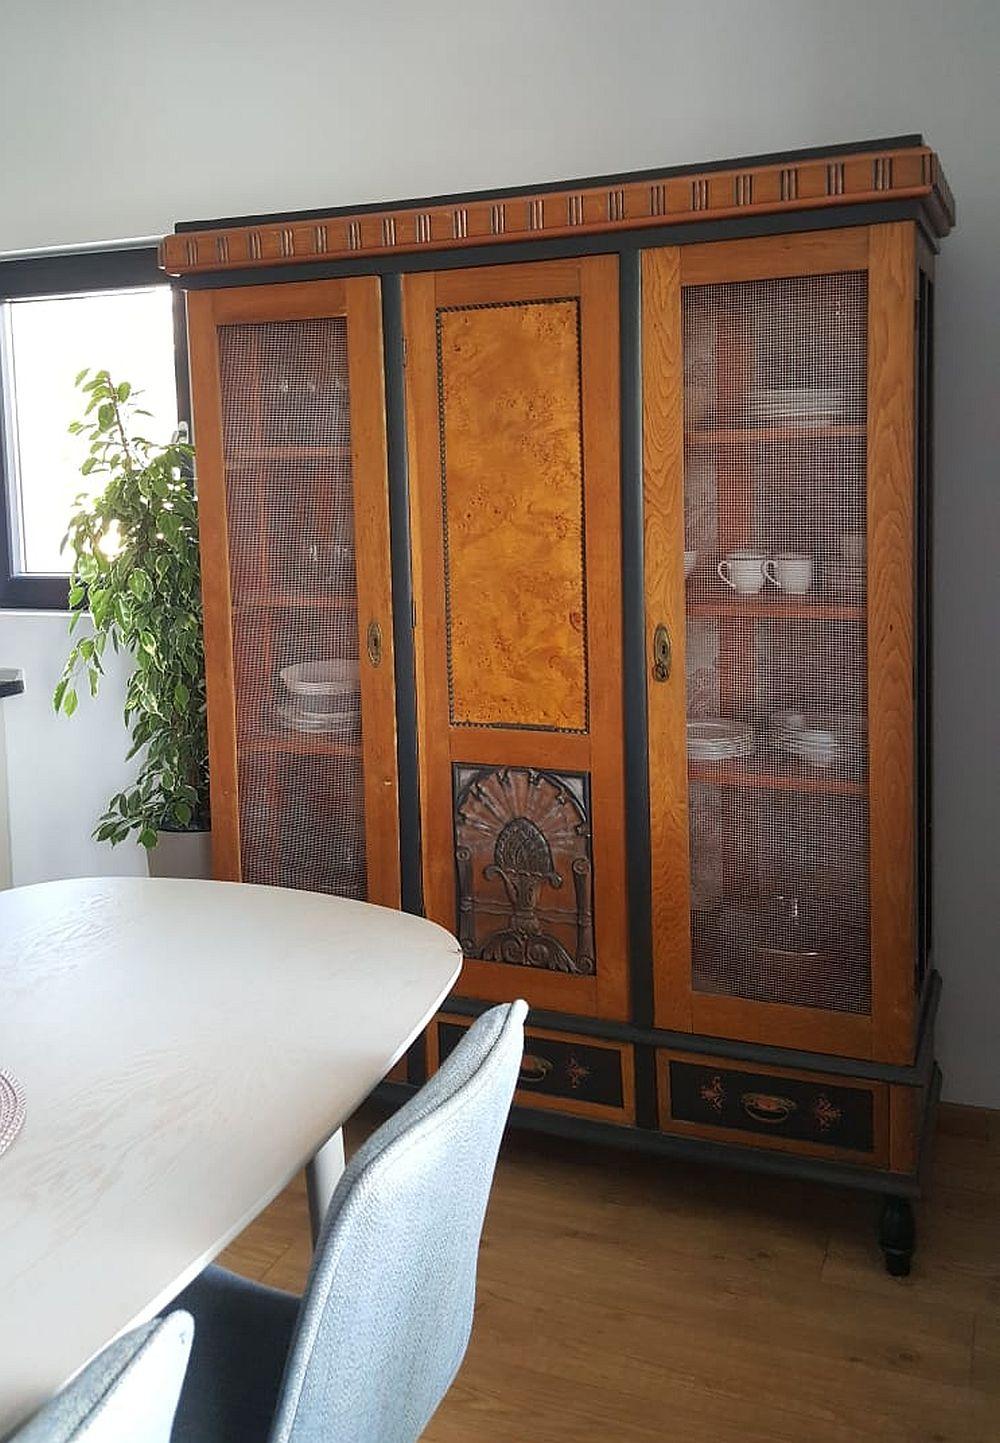 Dulapul vechi al familiei l-am redecorat și reparat pentru a-i conferi o utilitate practică: spațiu de depozitare pentru veselă în bucătărie. Am păstrat cât mai mult din suprafețele inițiale din lemn de stejar și lemn de rădăcină de stejar și am adăugat accente închise la culoare și nuanță bronz pentru un aspect mai elegant.